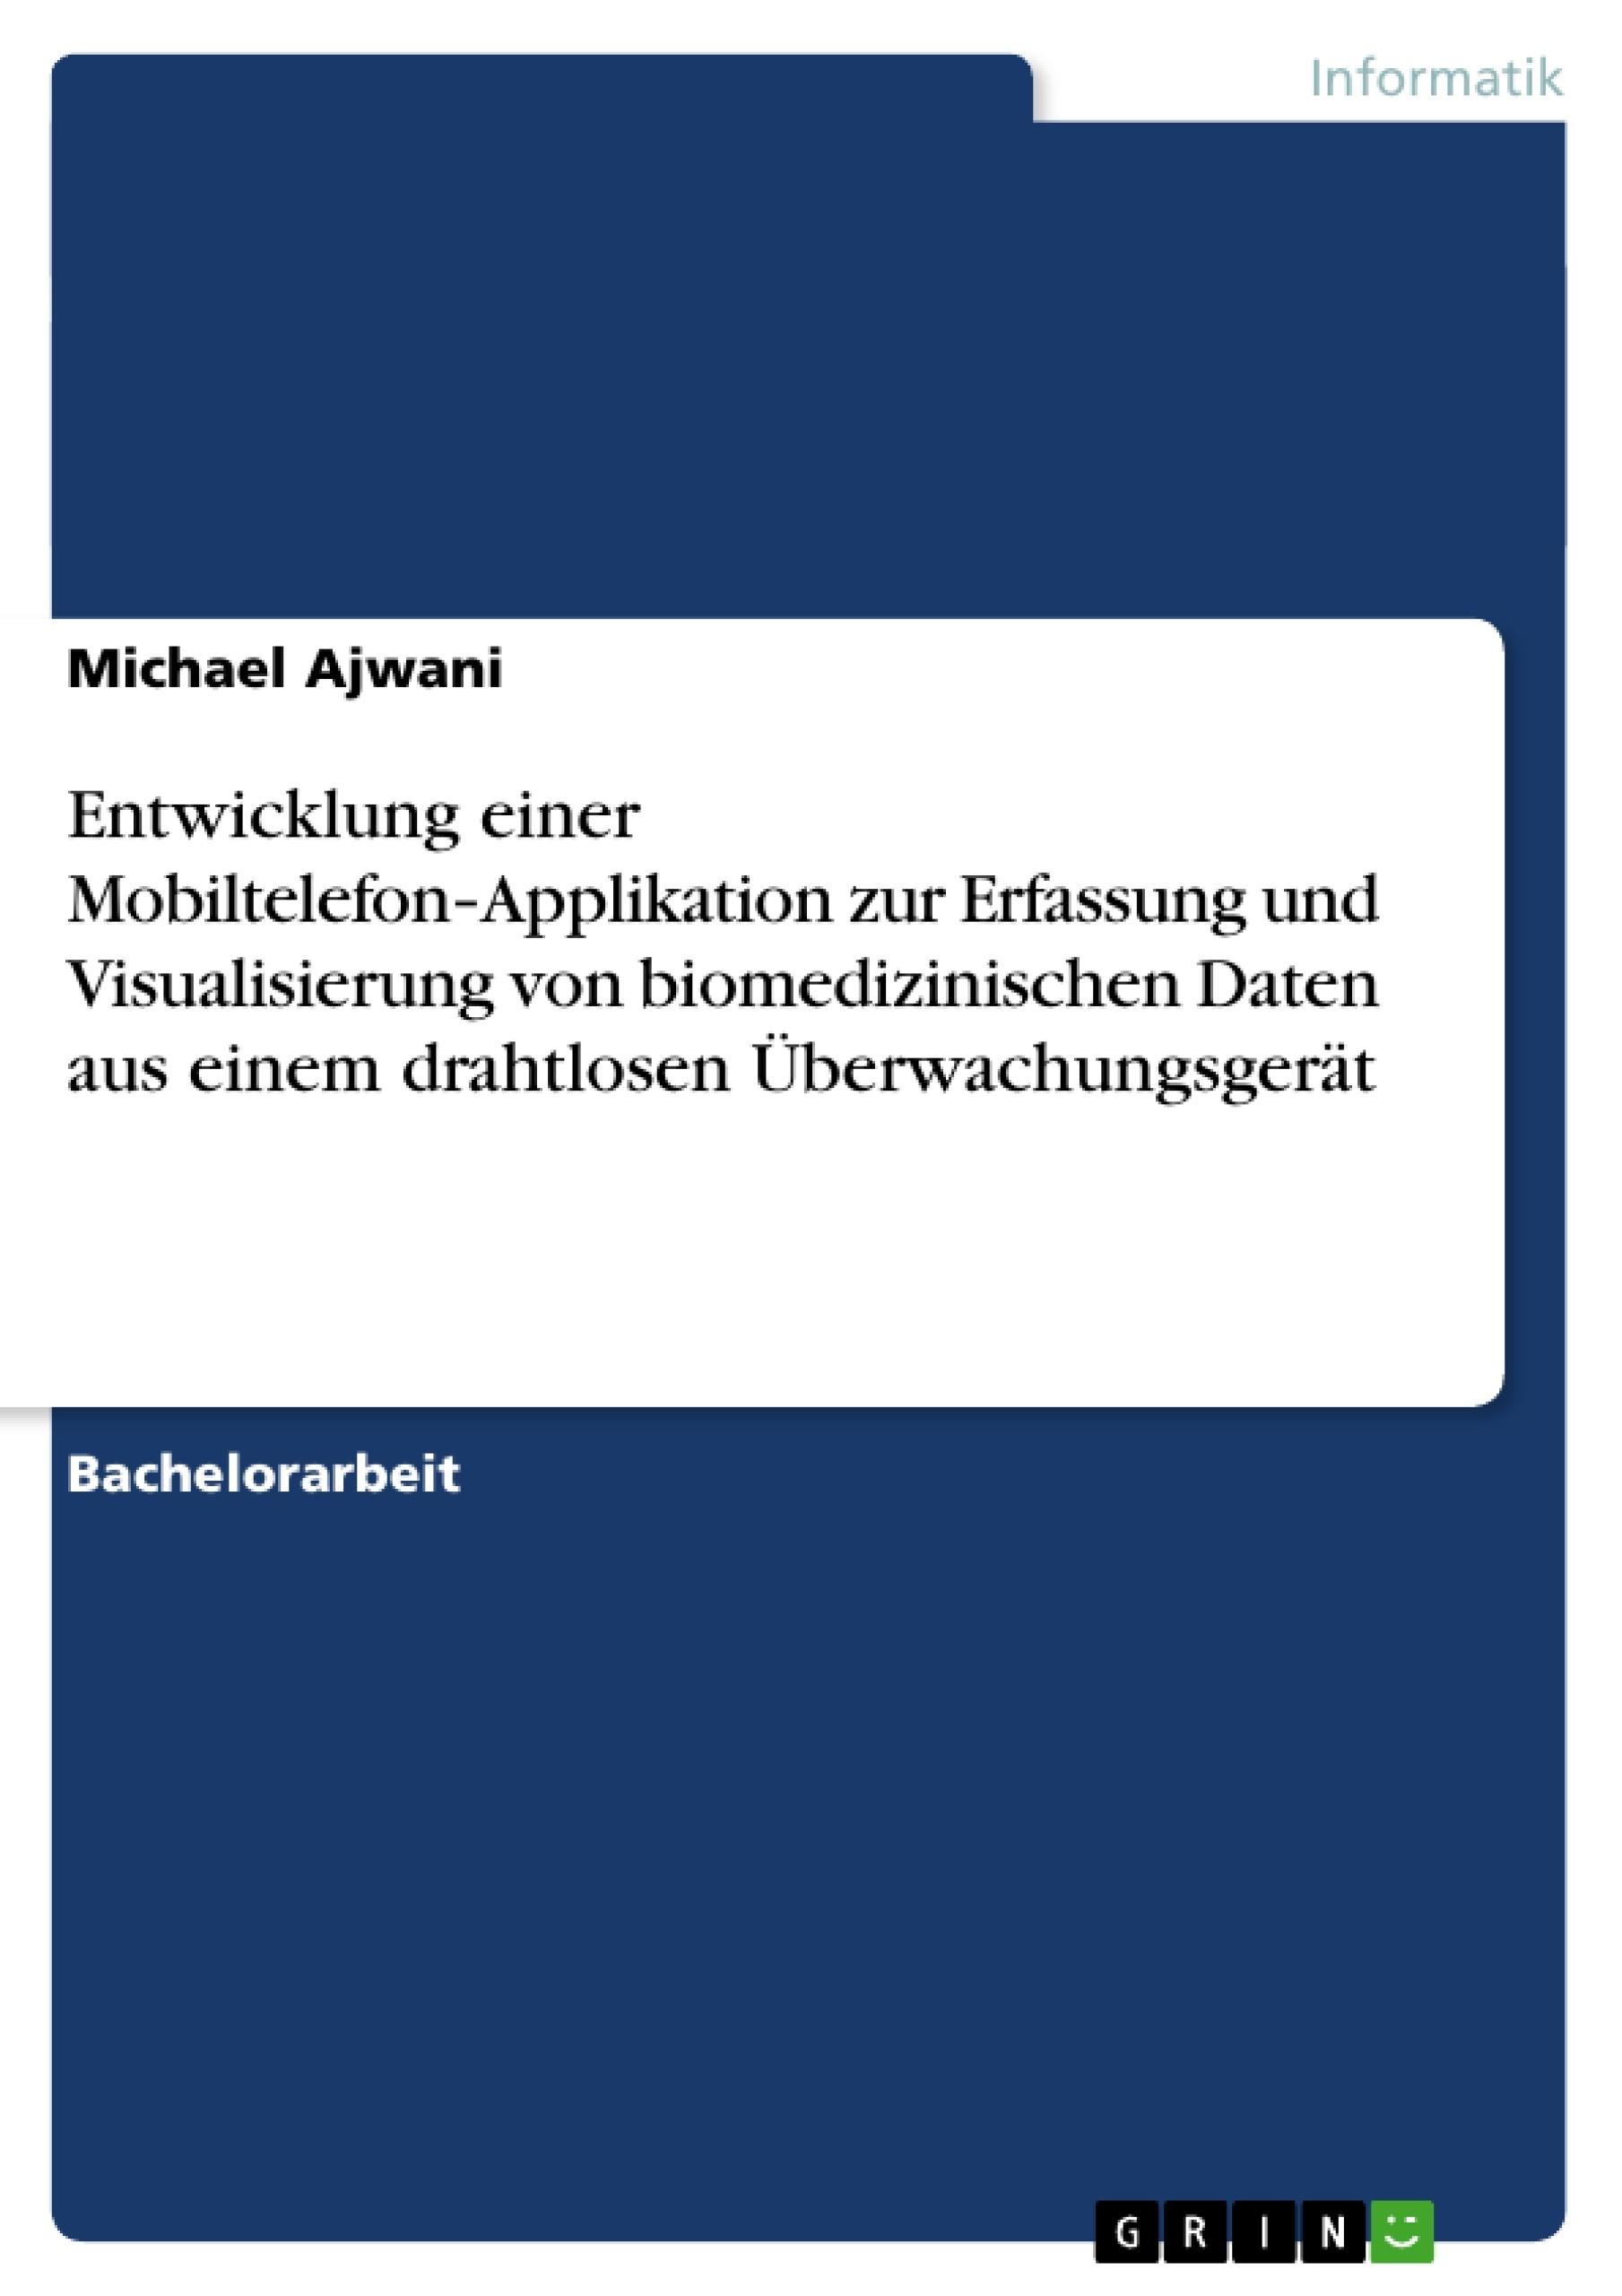 Titel: Entwicklung einer Mobiltelefon‐Applikation zur Erfassung und Visualisierung von biomedizinischen Daten aus einem drahtlosen Überwachungsgerät